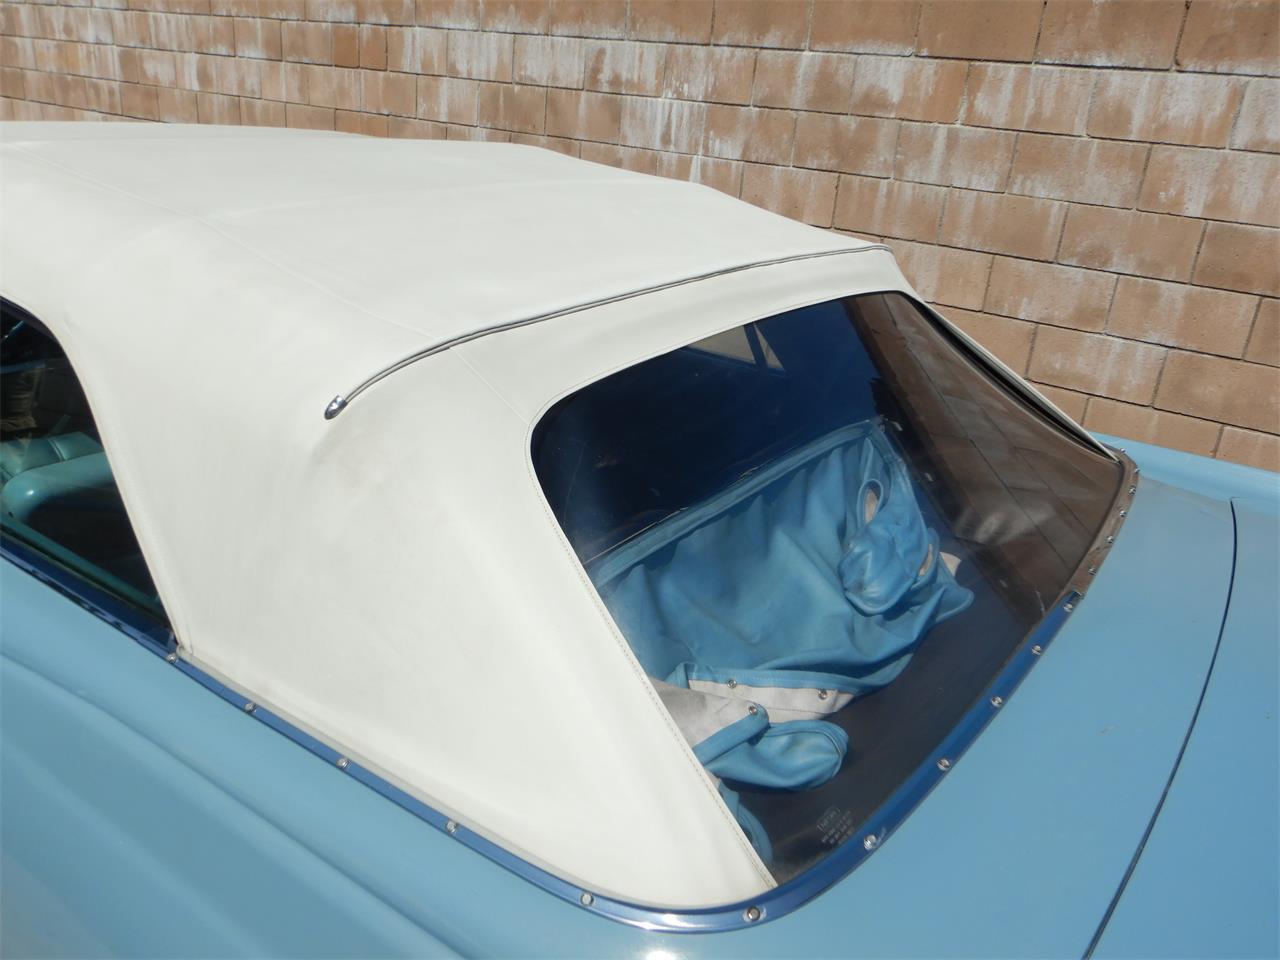 Large Picture of 1964 Cadillac Eldorado Biarritz located in Woodland Hills California - QBJQ